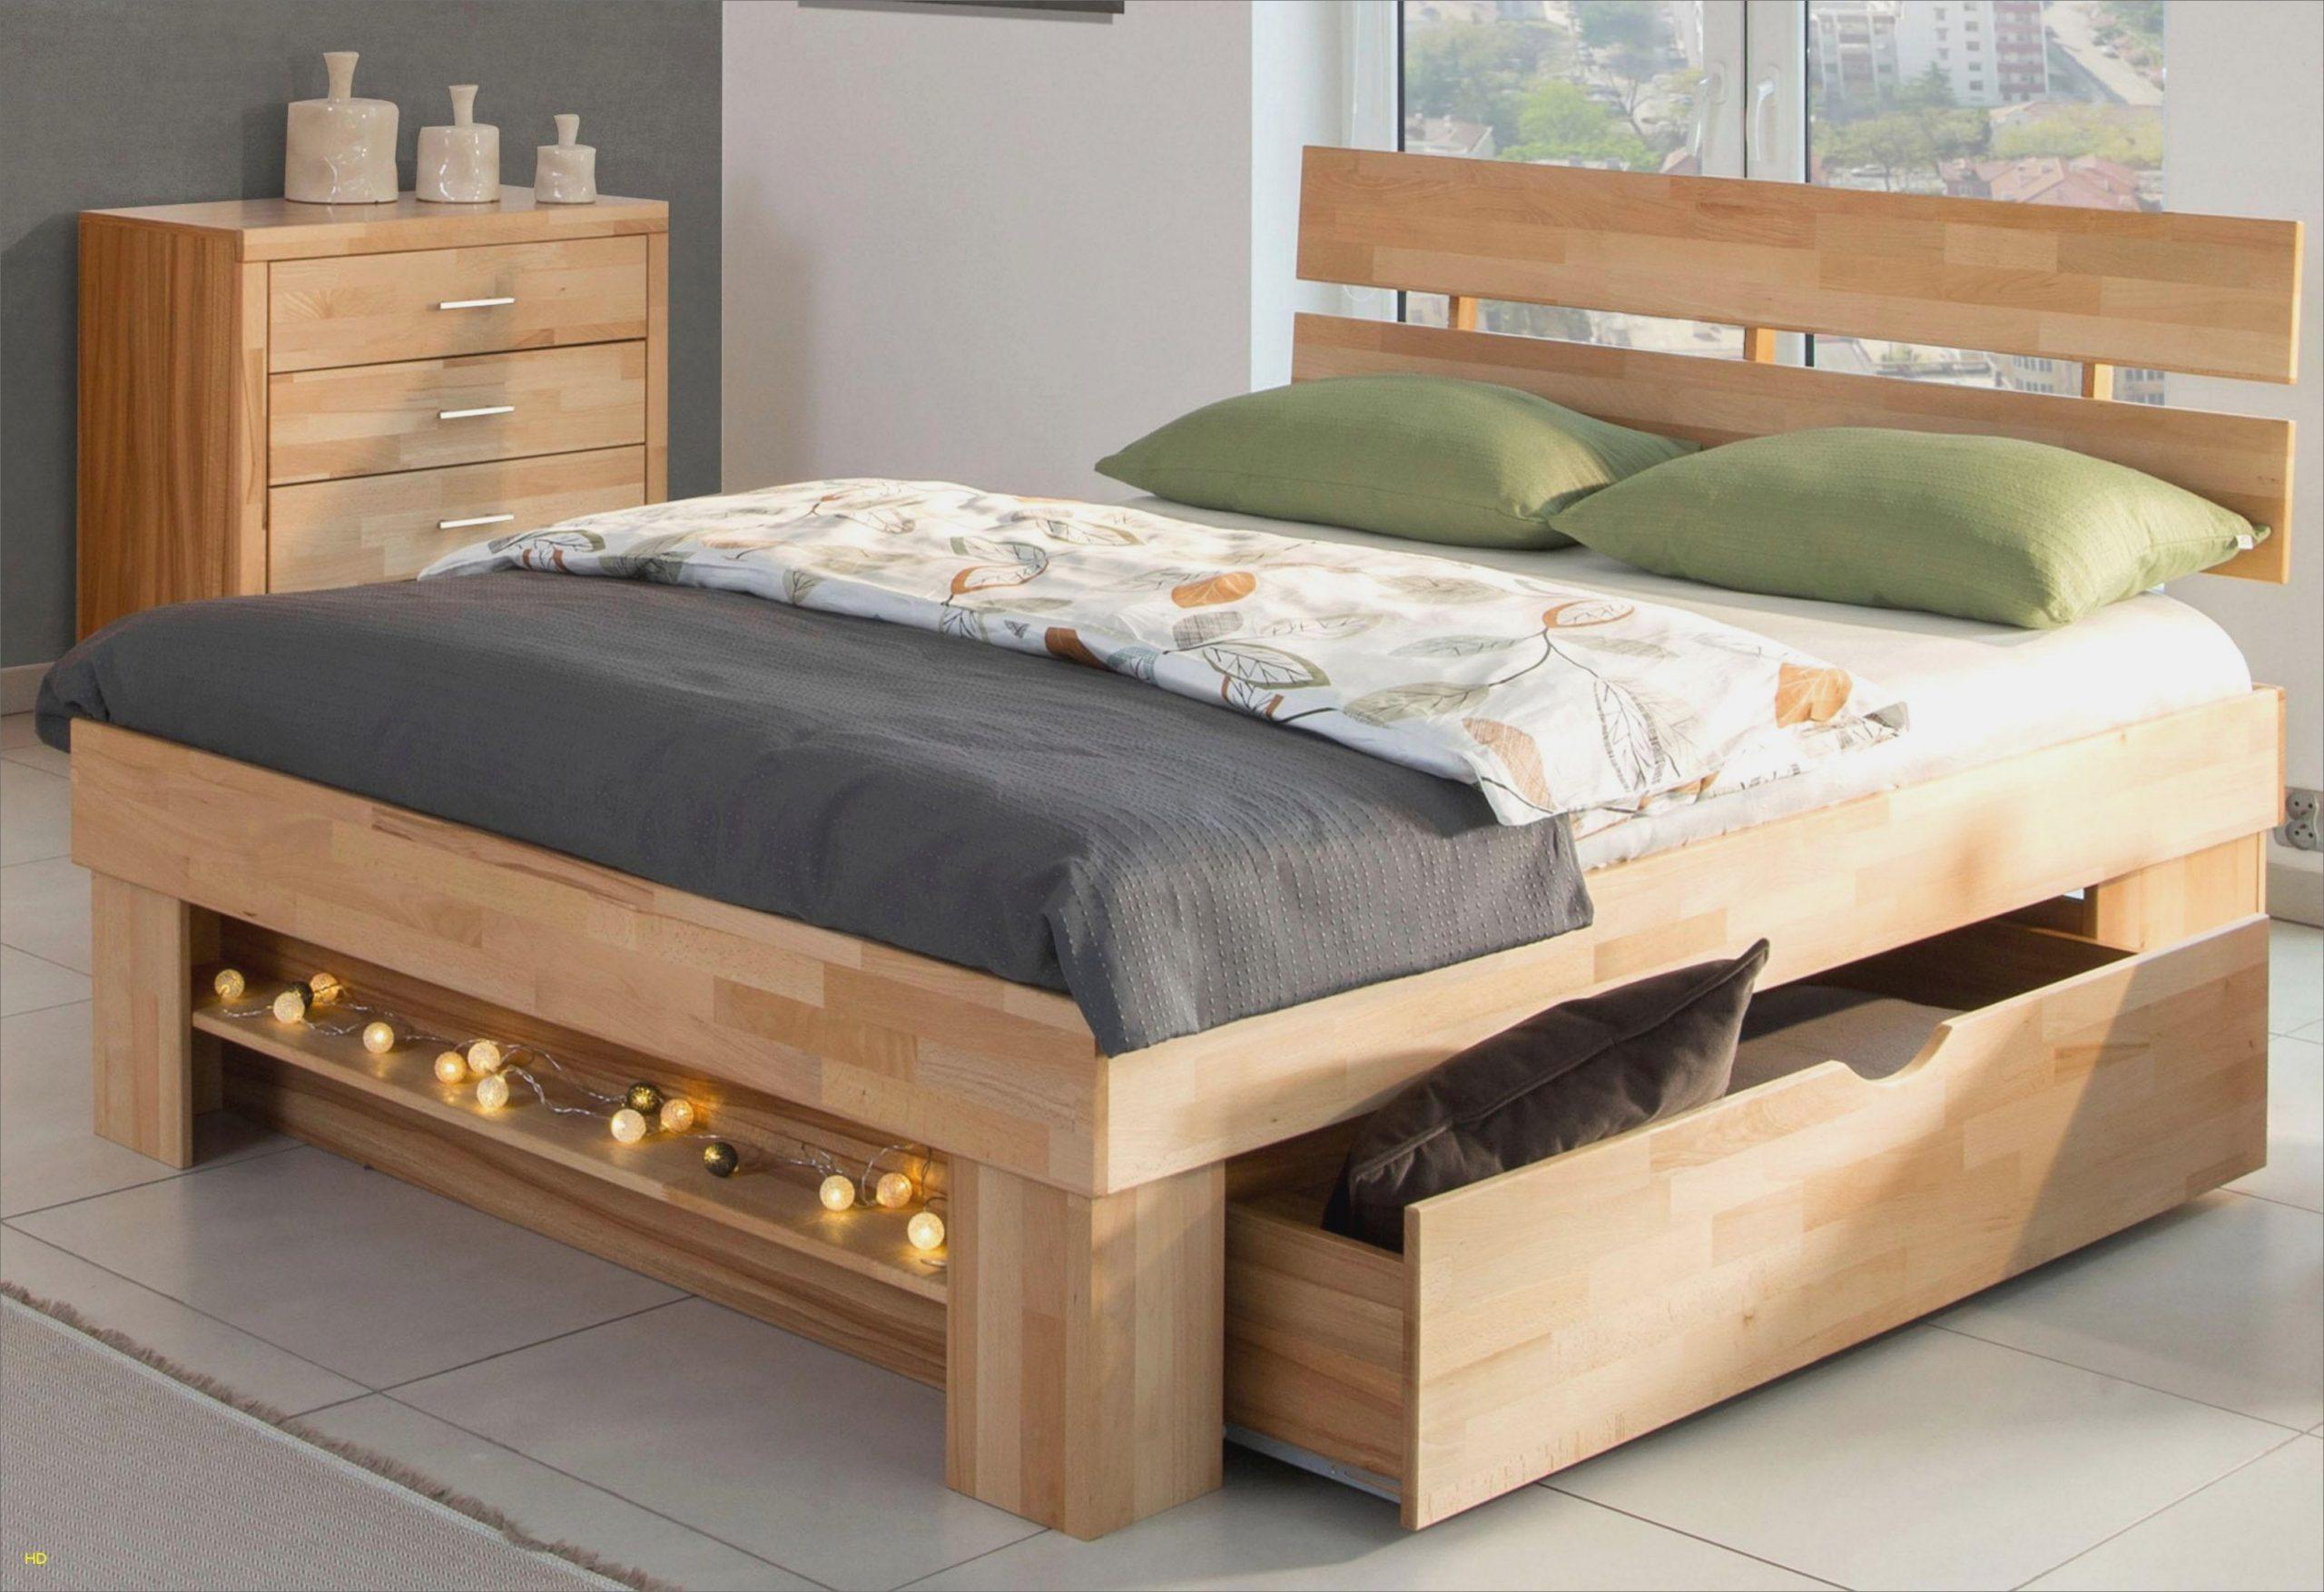 Full Size of Stauraumbett 120x200 Bett Stauraum Mit Bettkasten Weiß Matratze Und Lattenrost Betten Wohnzimmer Stauraumbett 120x200